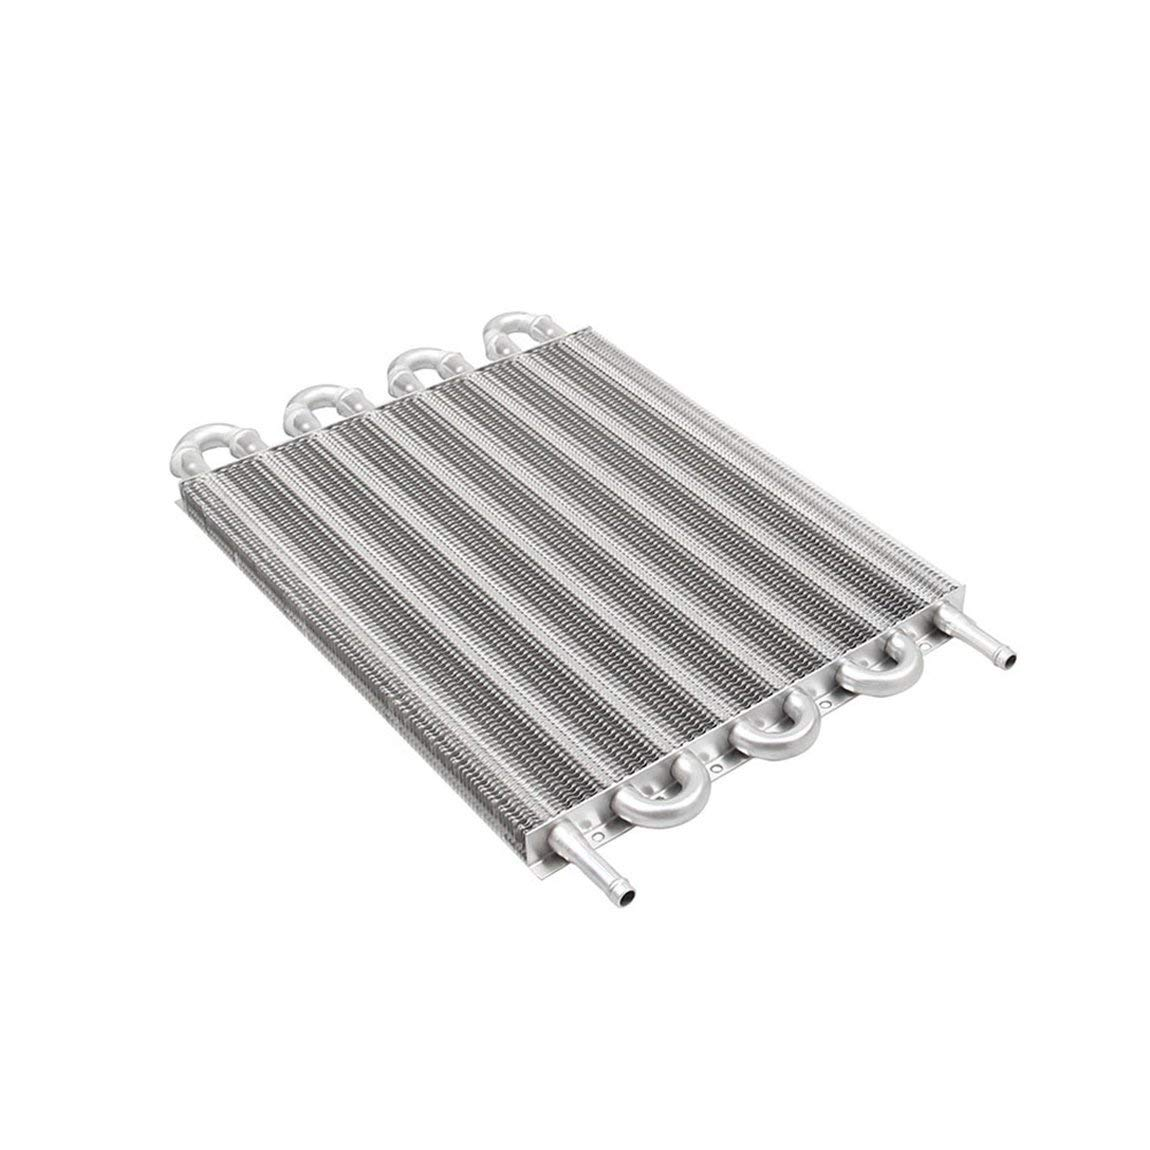 Motores Aire acondicionado Condensador de correa tubular 8 filas ...